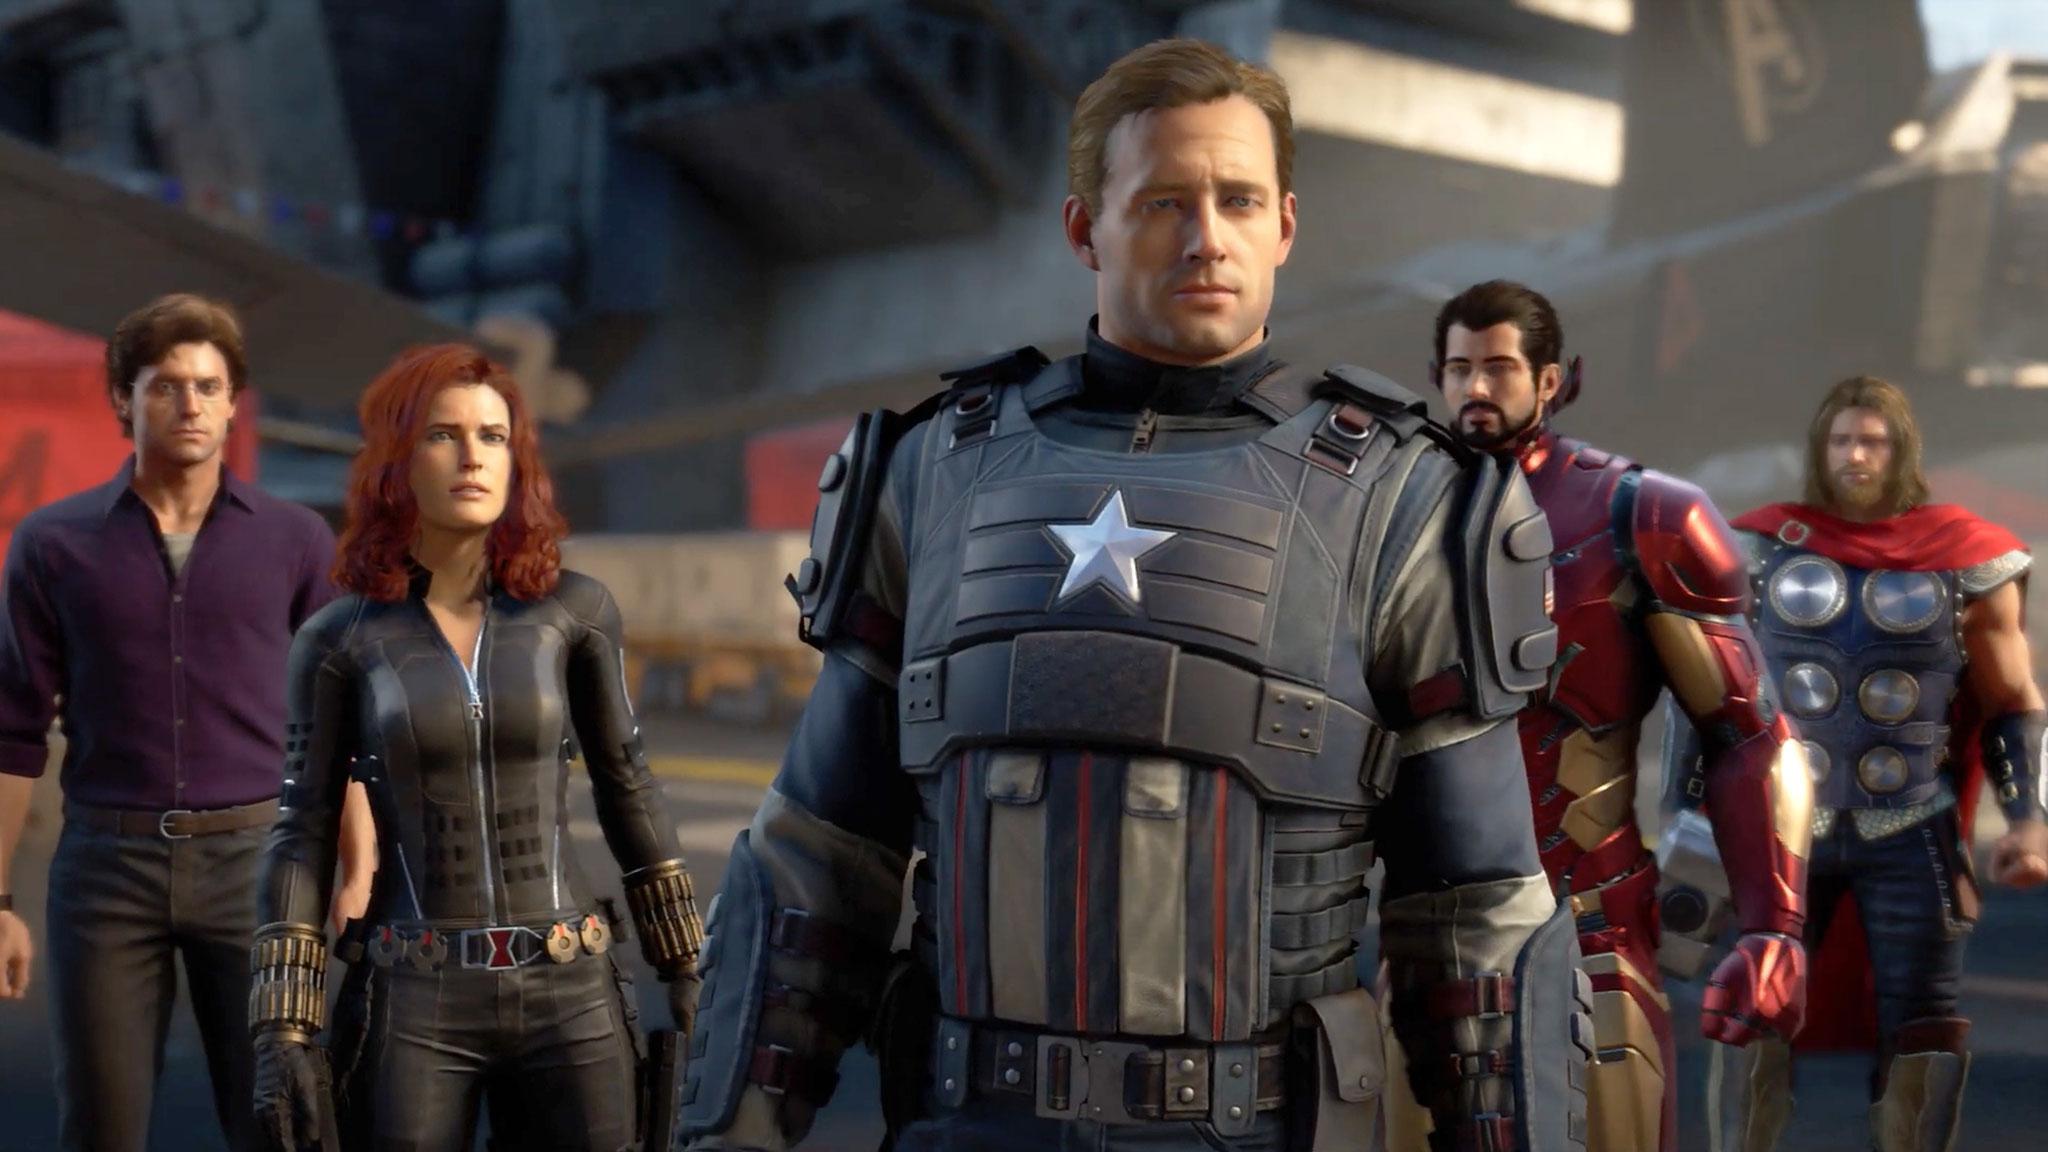 Bekannte Marke, aber unbekannte Gesichter: Die Avengers aus Square Enix' Videospiel sehen anders aus als im Kino.